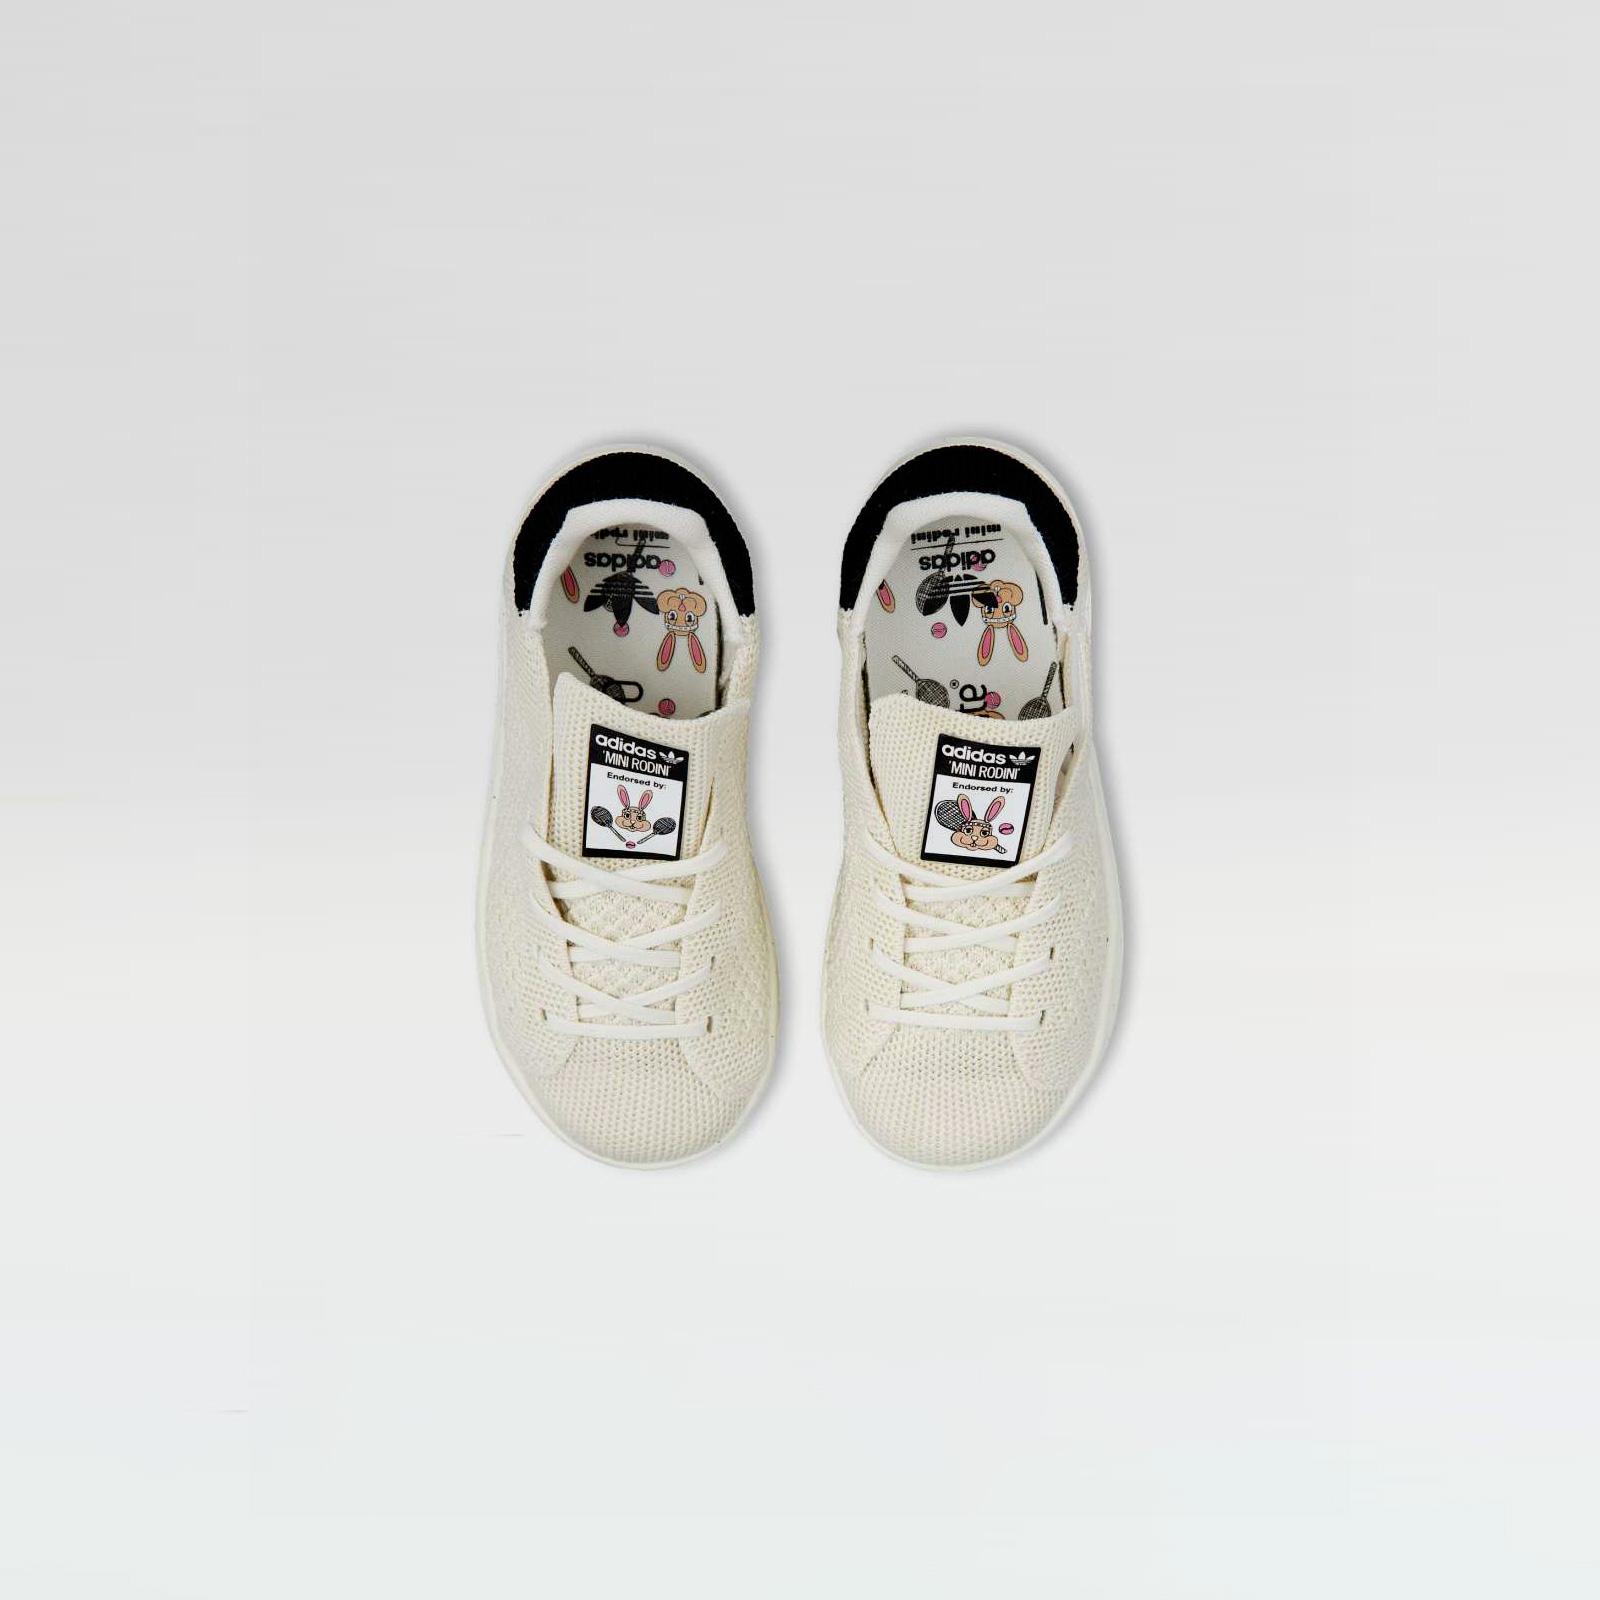 Xiwttqt Rodini Pk Adidas Smith Mini Sneakersnstuff Infants Stan Bb2869 T3FcK1Jl